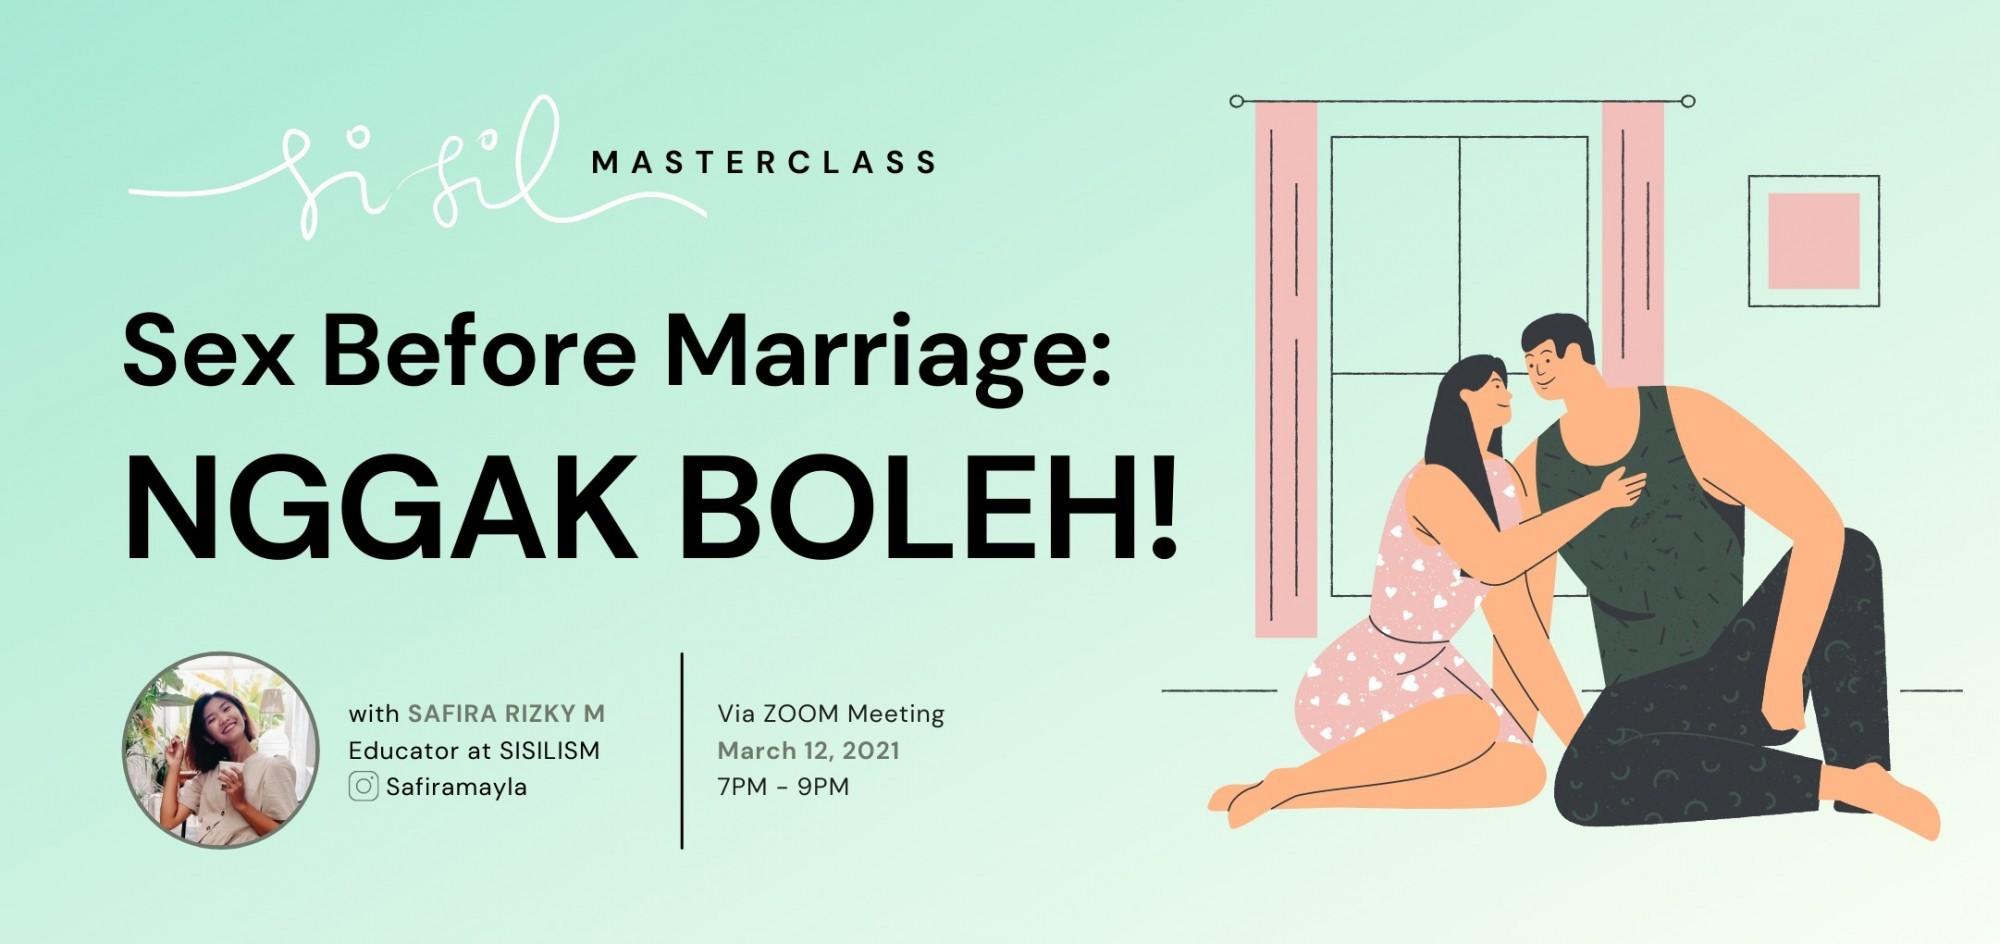 Sex Before Marriage? Nggak Boleh!